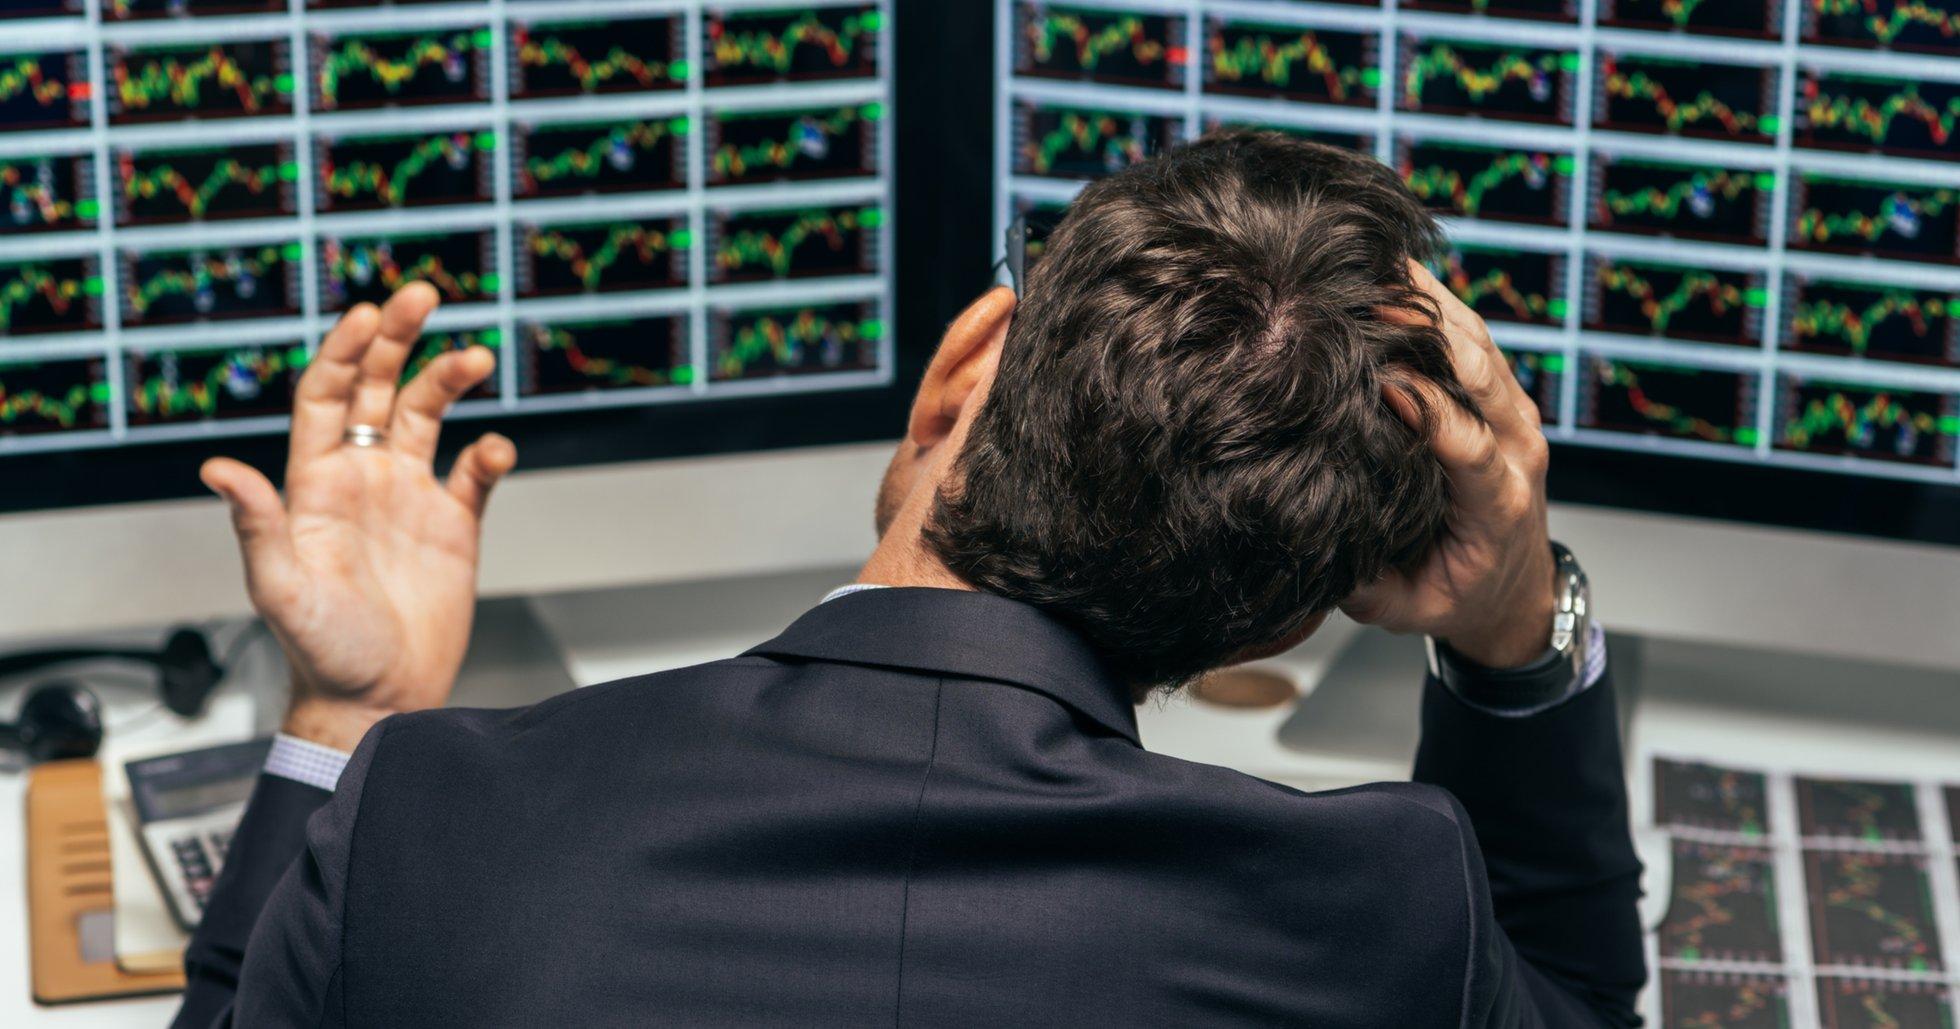 Bitcoinkursen svävar kring 8 000 dollar – handlare oroliga för nytt prisfall.